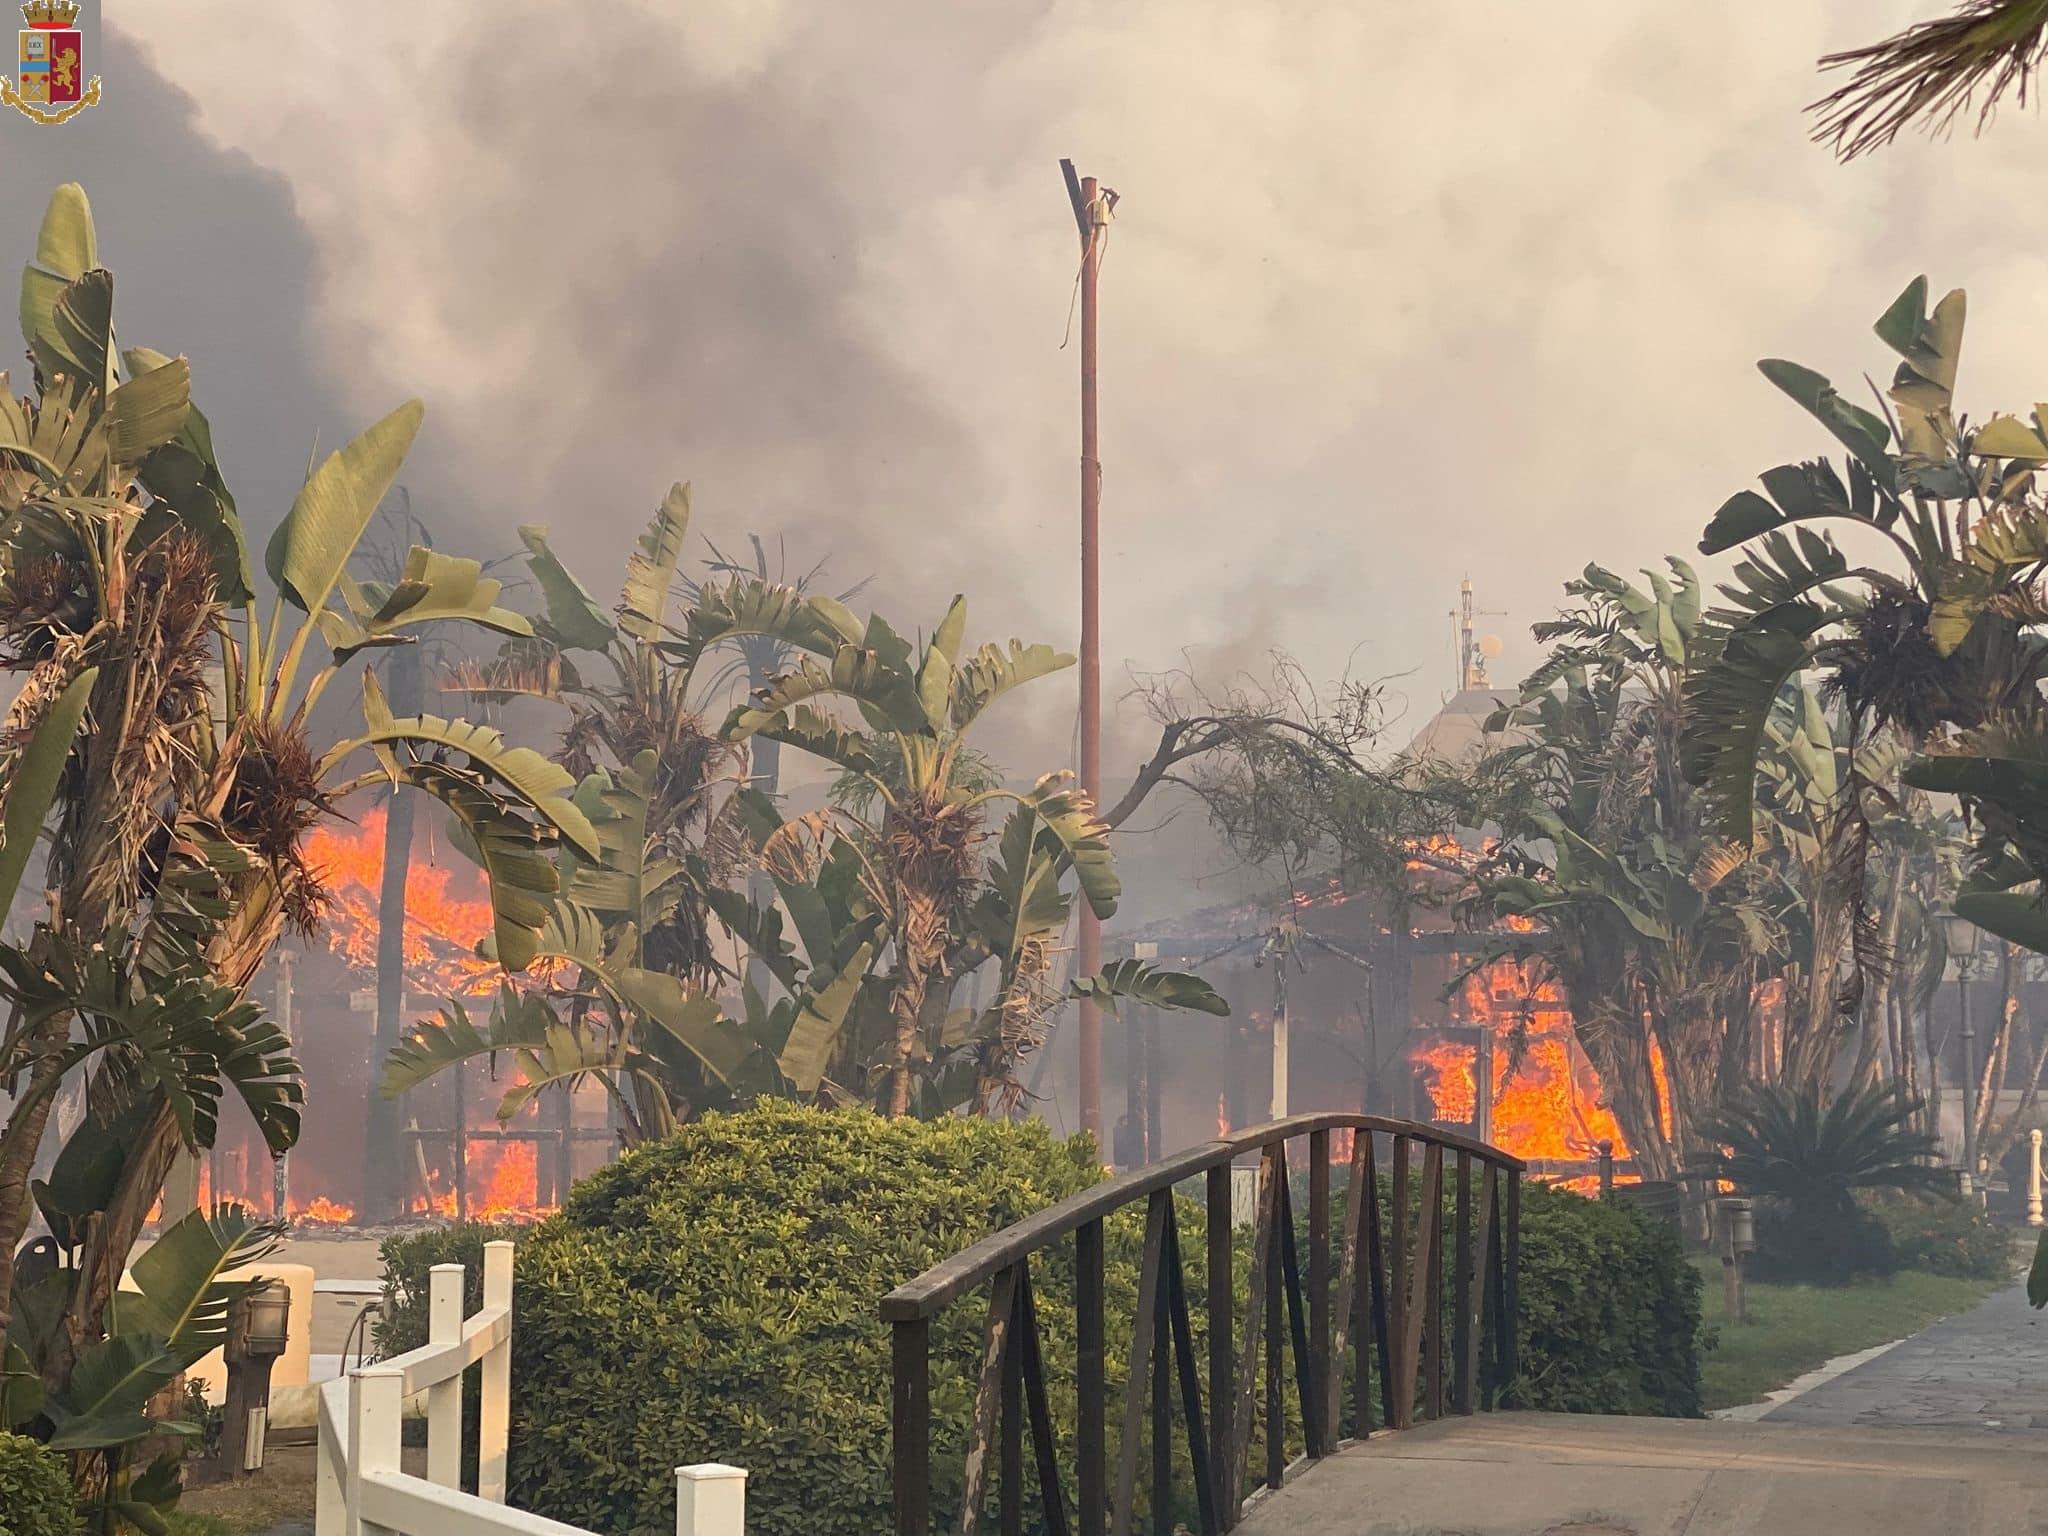 Emergenza incendi a Catania, interventi di soccorso pubblico nelle periferie del centro urbano – FOTO